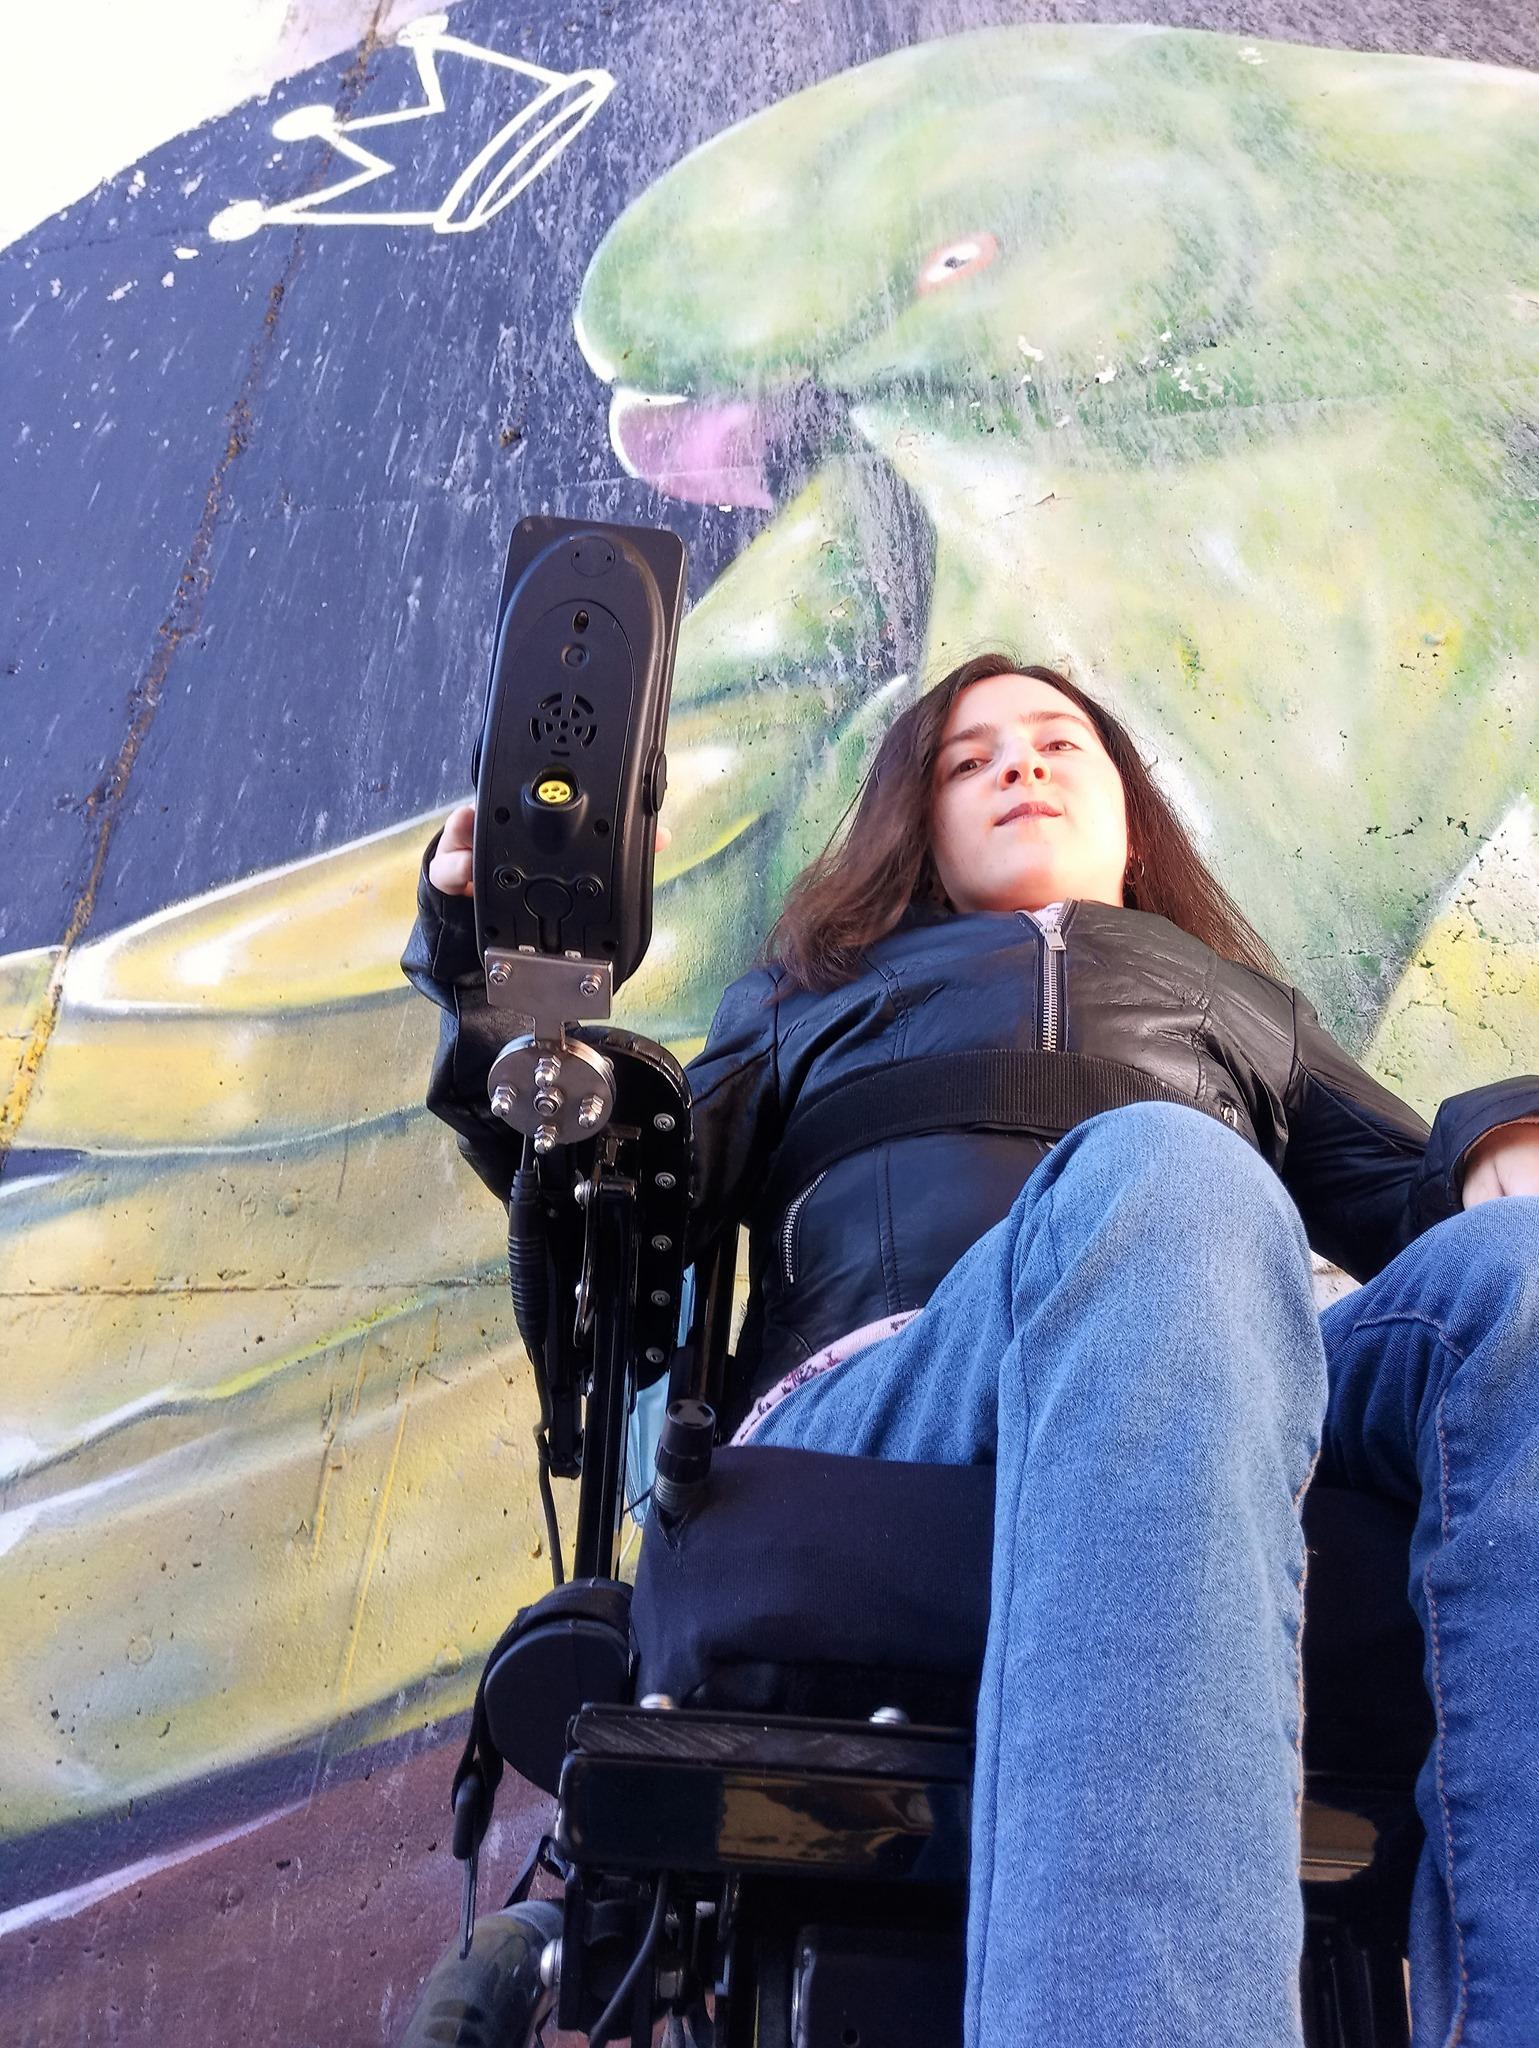 foto di M. Chiara inquadrata dal basso; è seduta su una carrozzina nera, indossa jeans blu e una giacca nera di pelle, ha i capelli neri. Sullo sfondo, un murale con un pappagallo